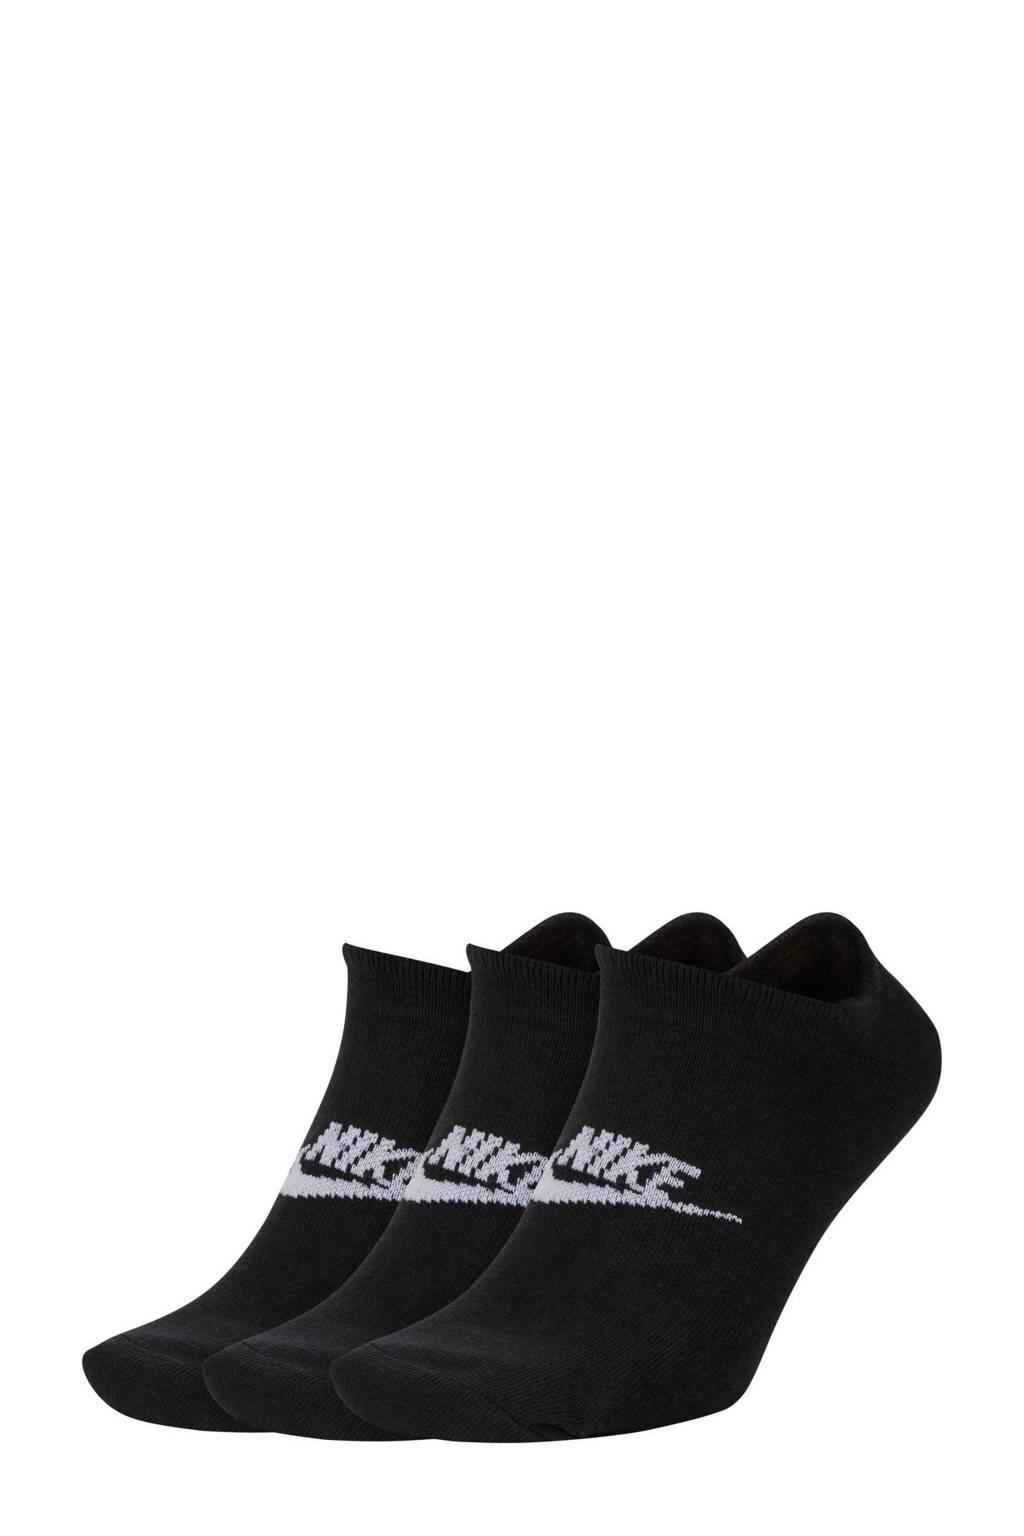 Nike sneakers sokken - set van 3 zwart, Zwart/wit